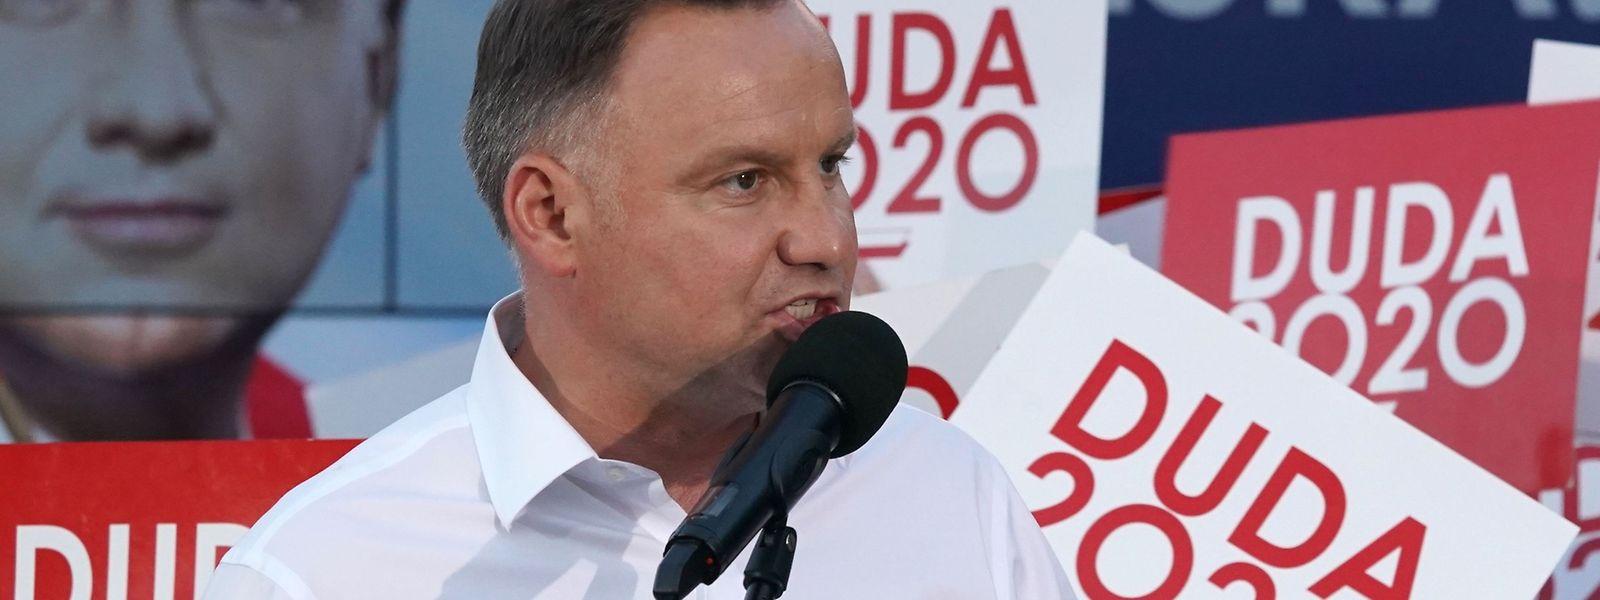 Andrzej Duda bei einer Wahlkampfveranstaltung.